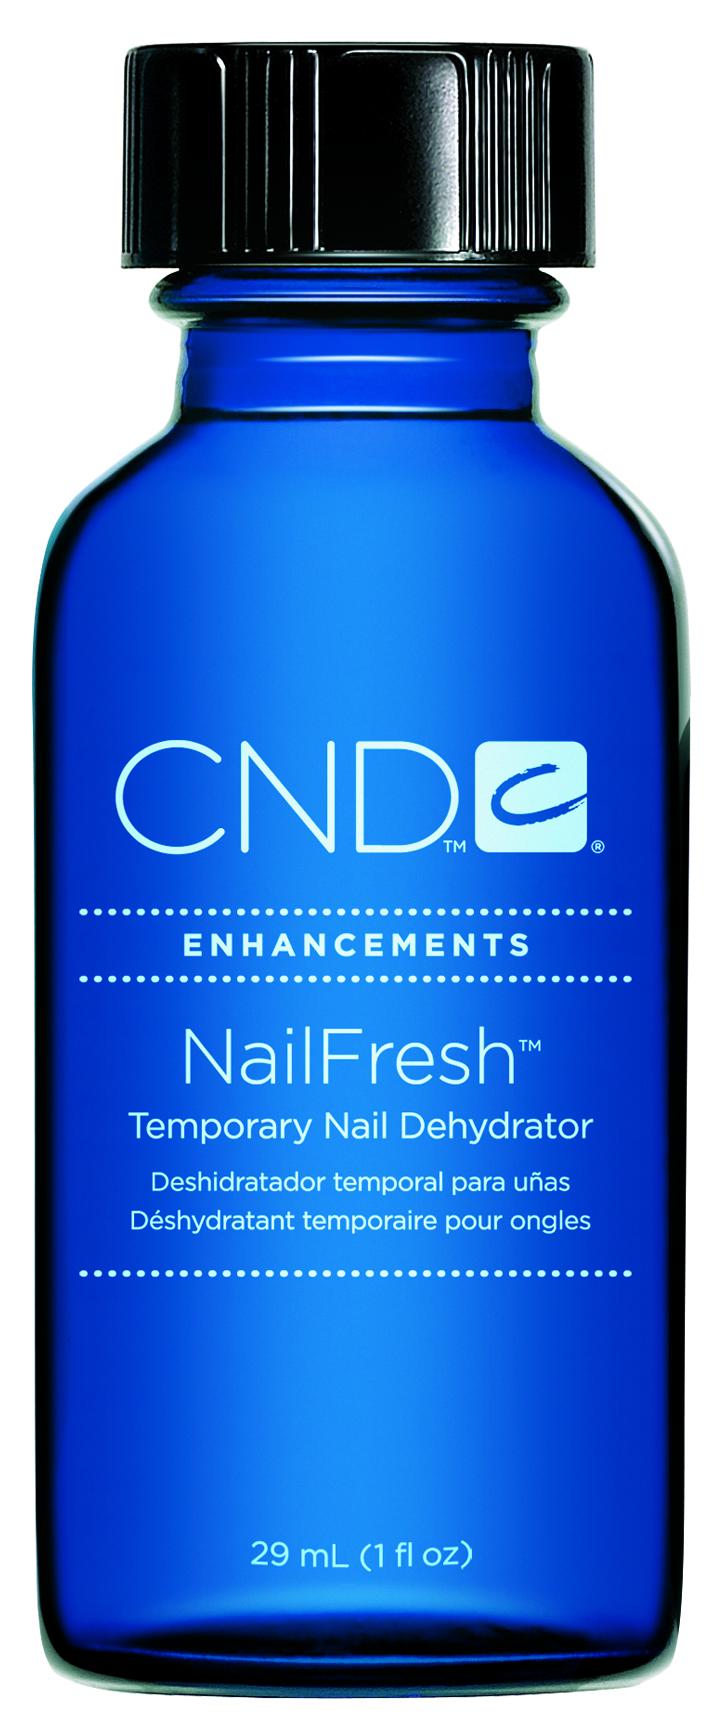 CND Препарат для краткосрочной дегидратации / Nail Fresh 29мл -  Особые средства